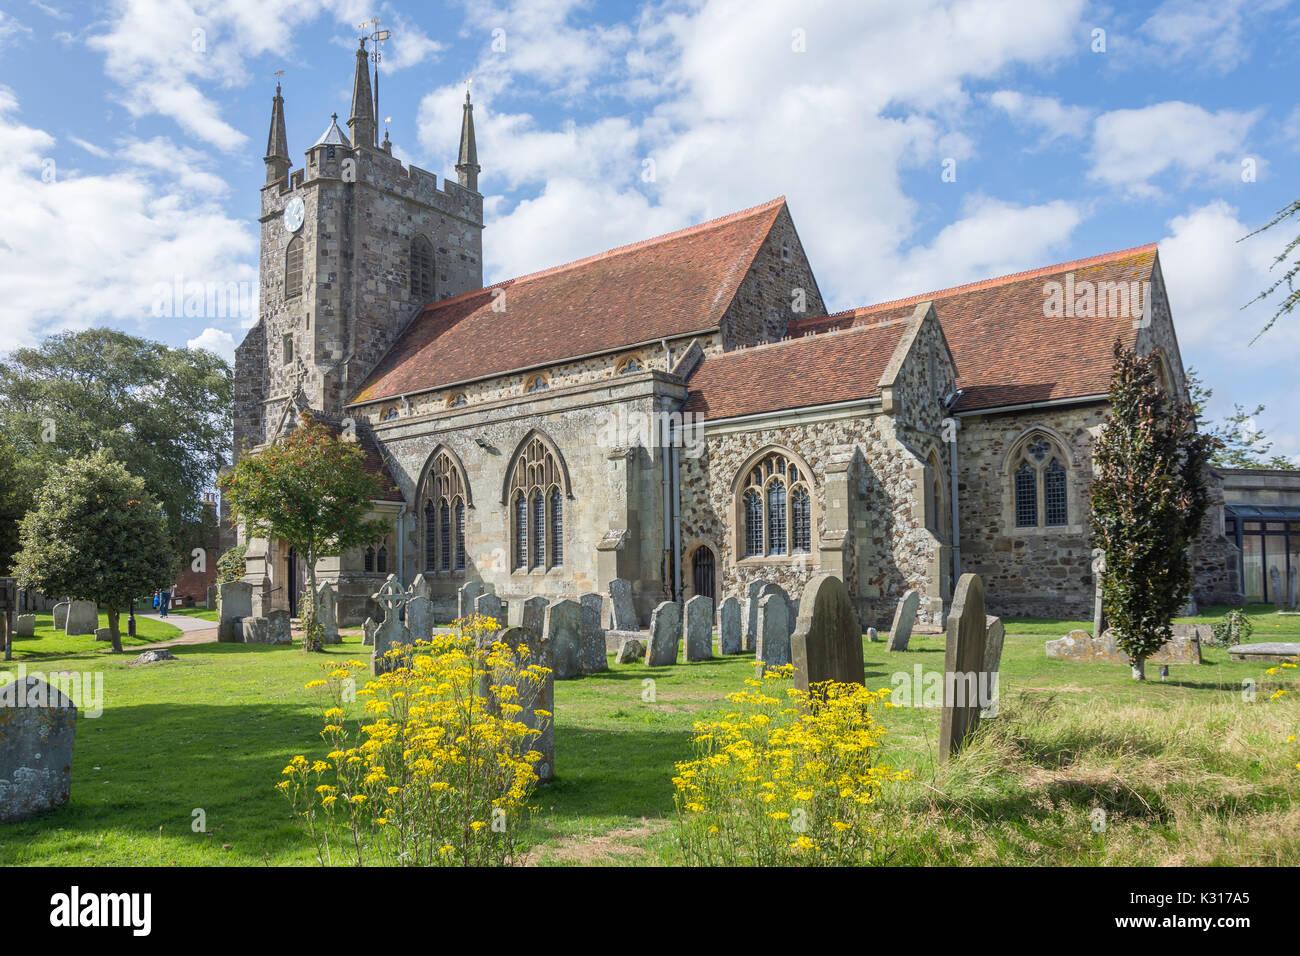 Hailsham Parish Church, Vicarage Road, Hailsham, East Sussex, England, United Kingdom - Stock Image